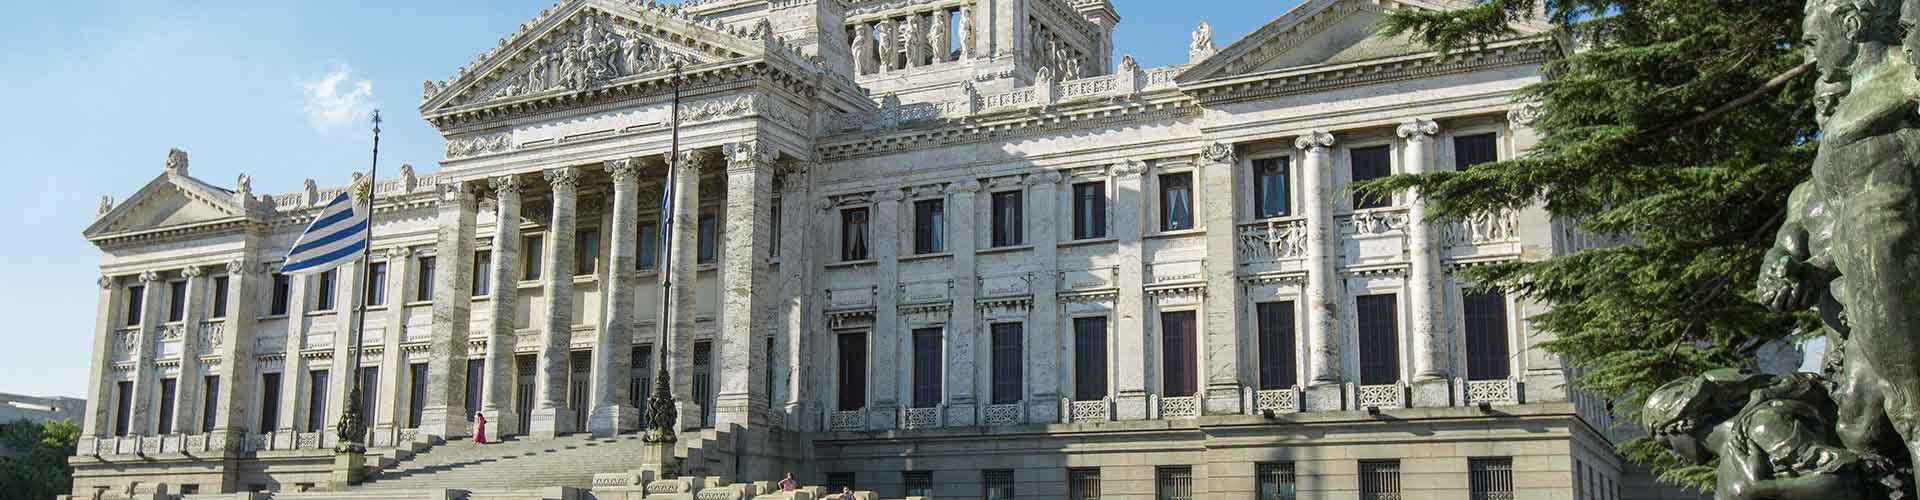 Montevideo - Albergues en Montevideo. Mapas de Montevideo, Fotos y Comentarios para cada Albergue en Montevideo.